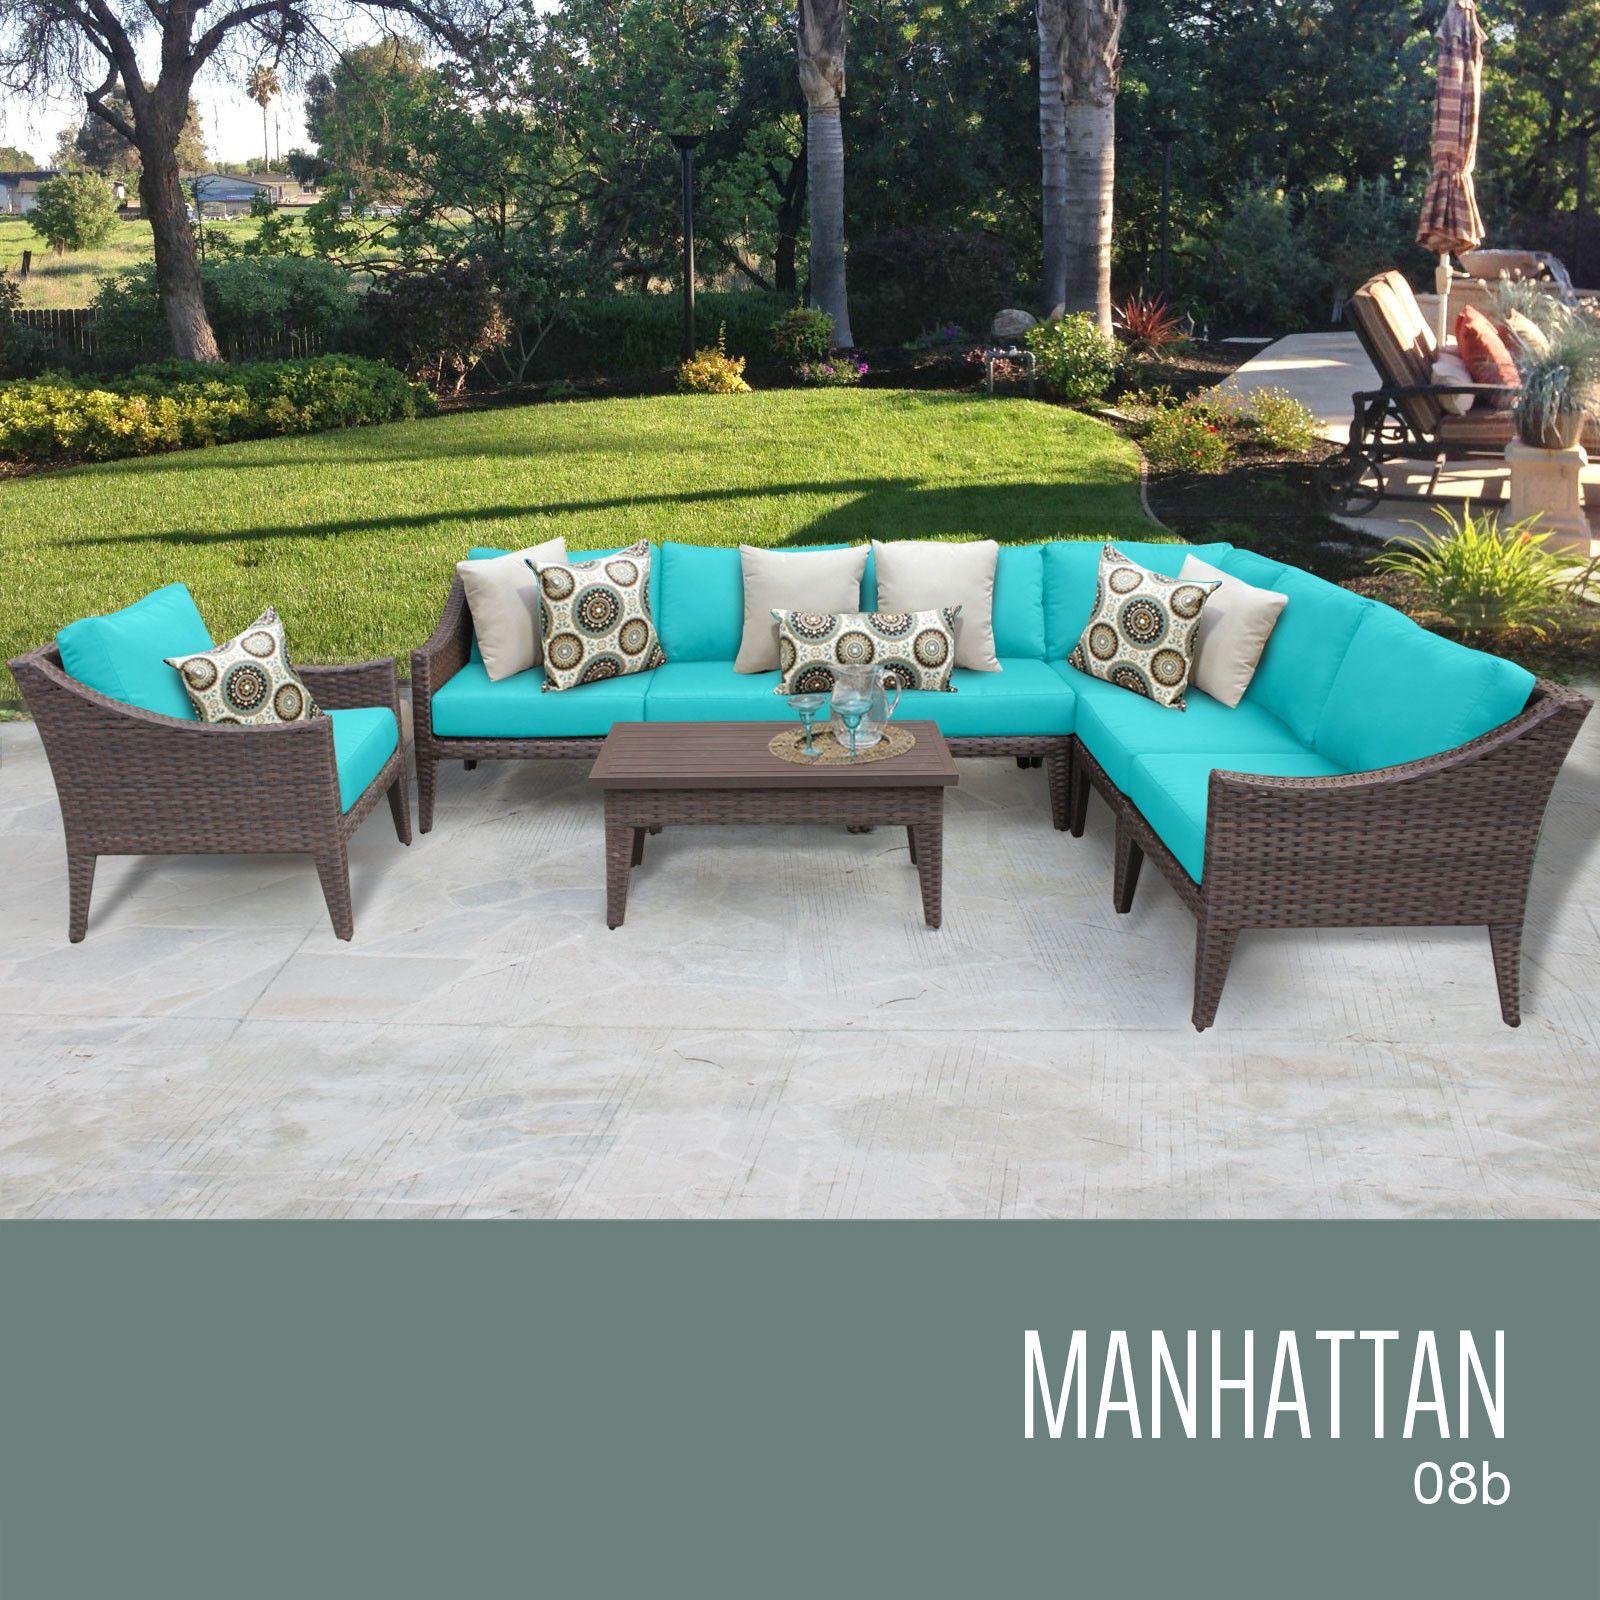 TKC Manhattan 8 Piece Outdoor Wicker Furniture Conversation Set